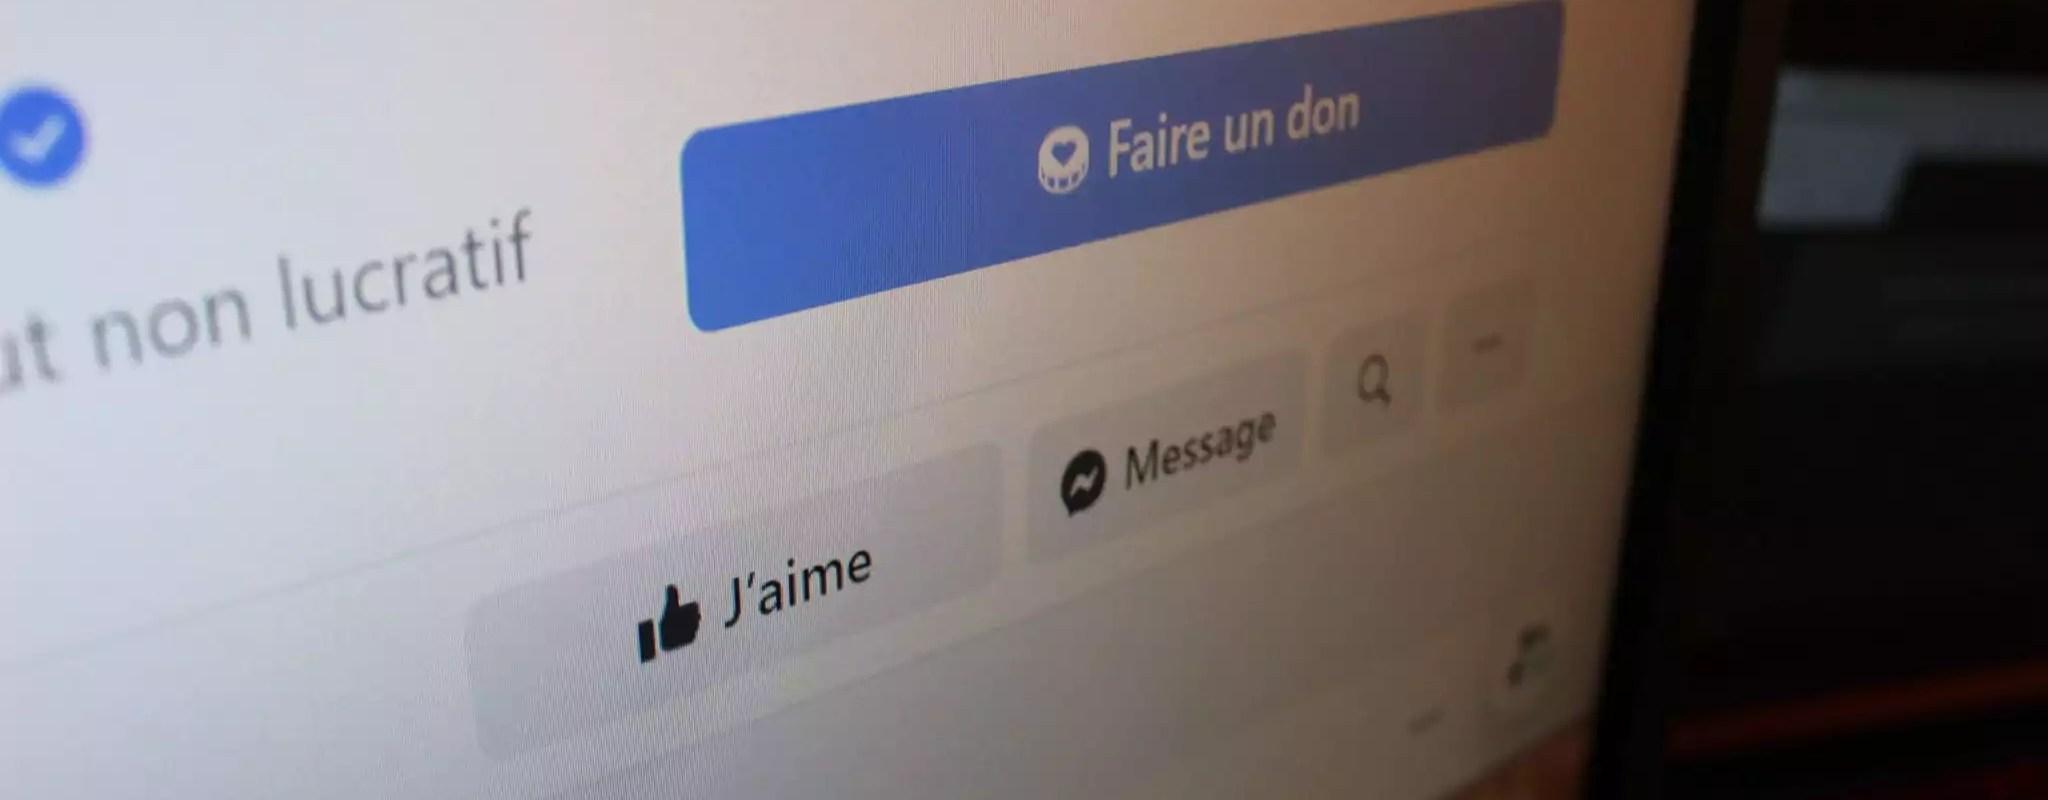 Bouton de dons: des députés d'Alsace-Moselle interpellent le gouvernement et Facebook